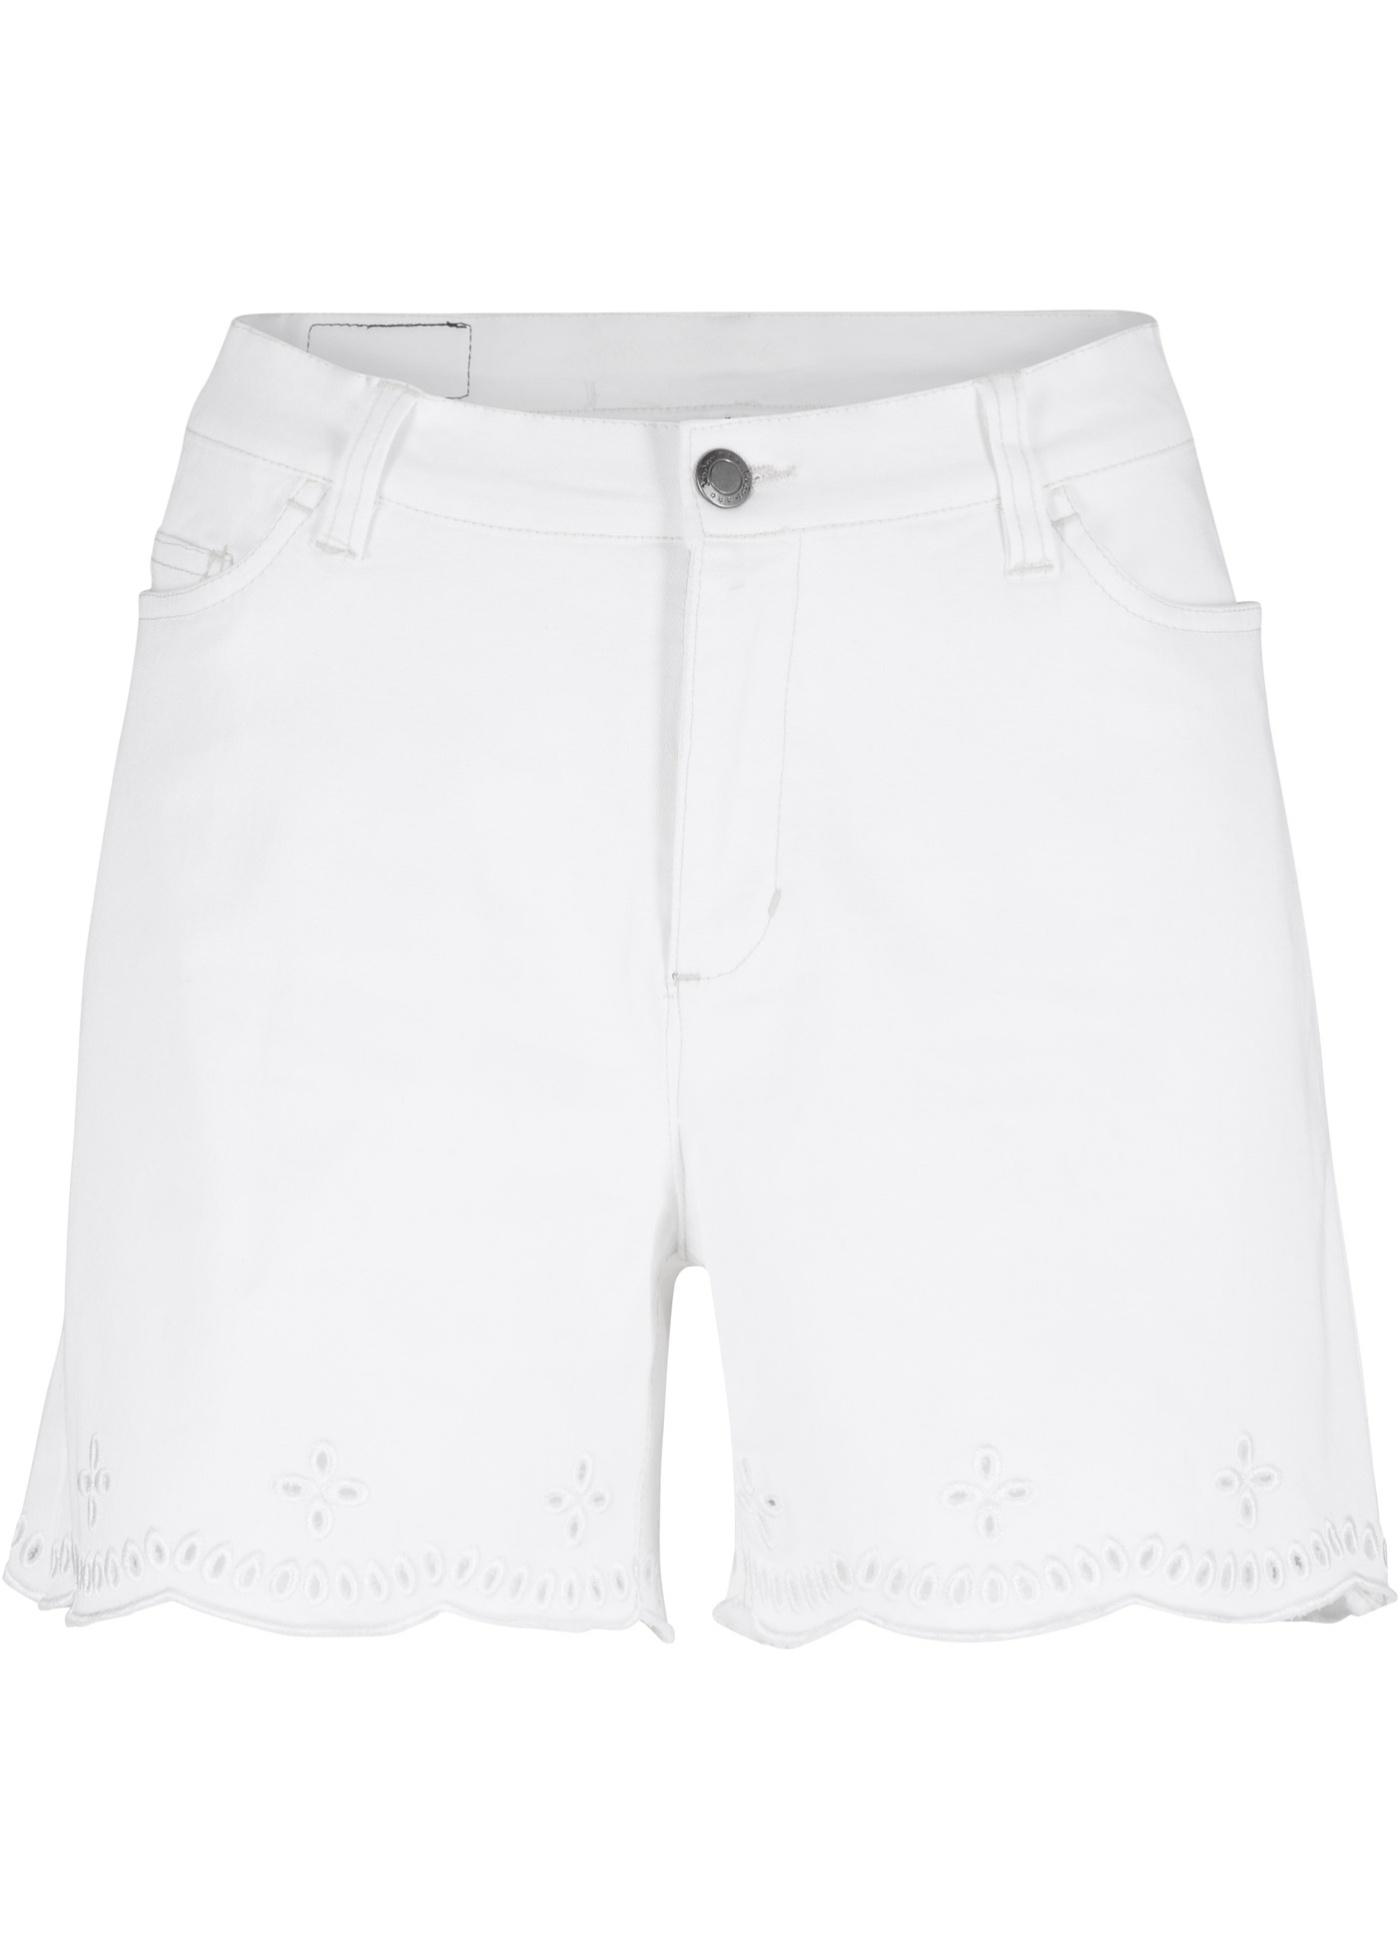 Jeans-Shorts mit Lochspitzenkante in weiß für Damen von bonprix